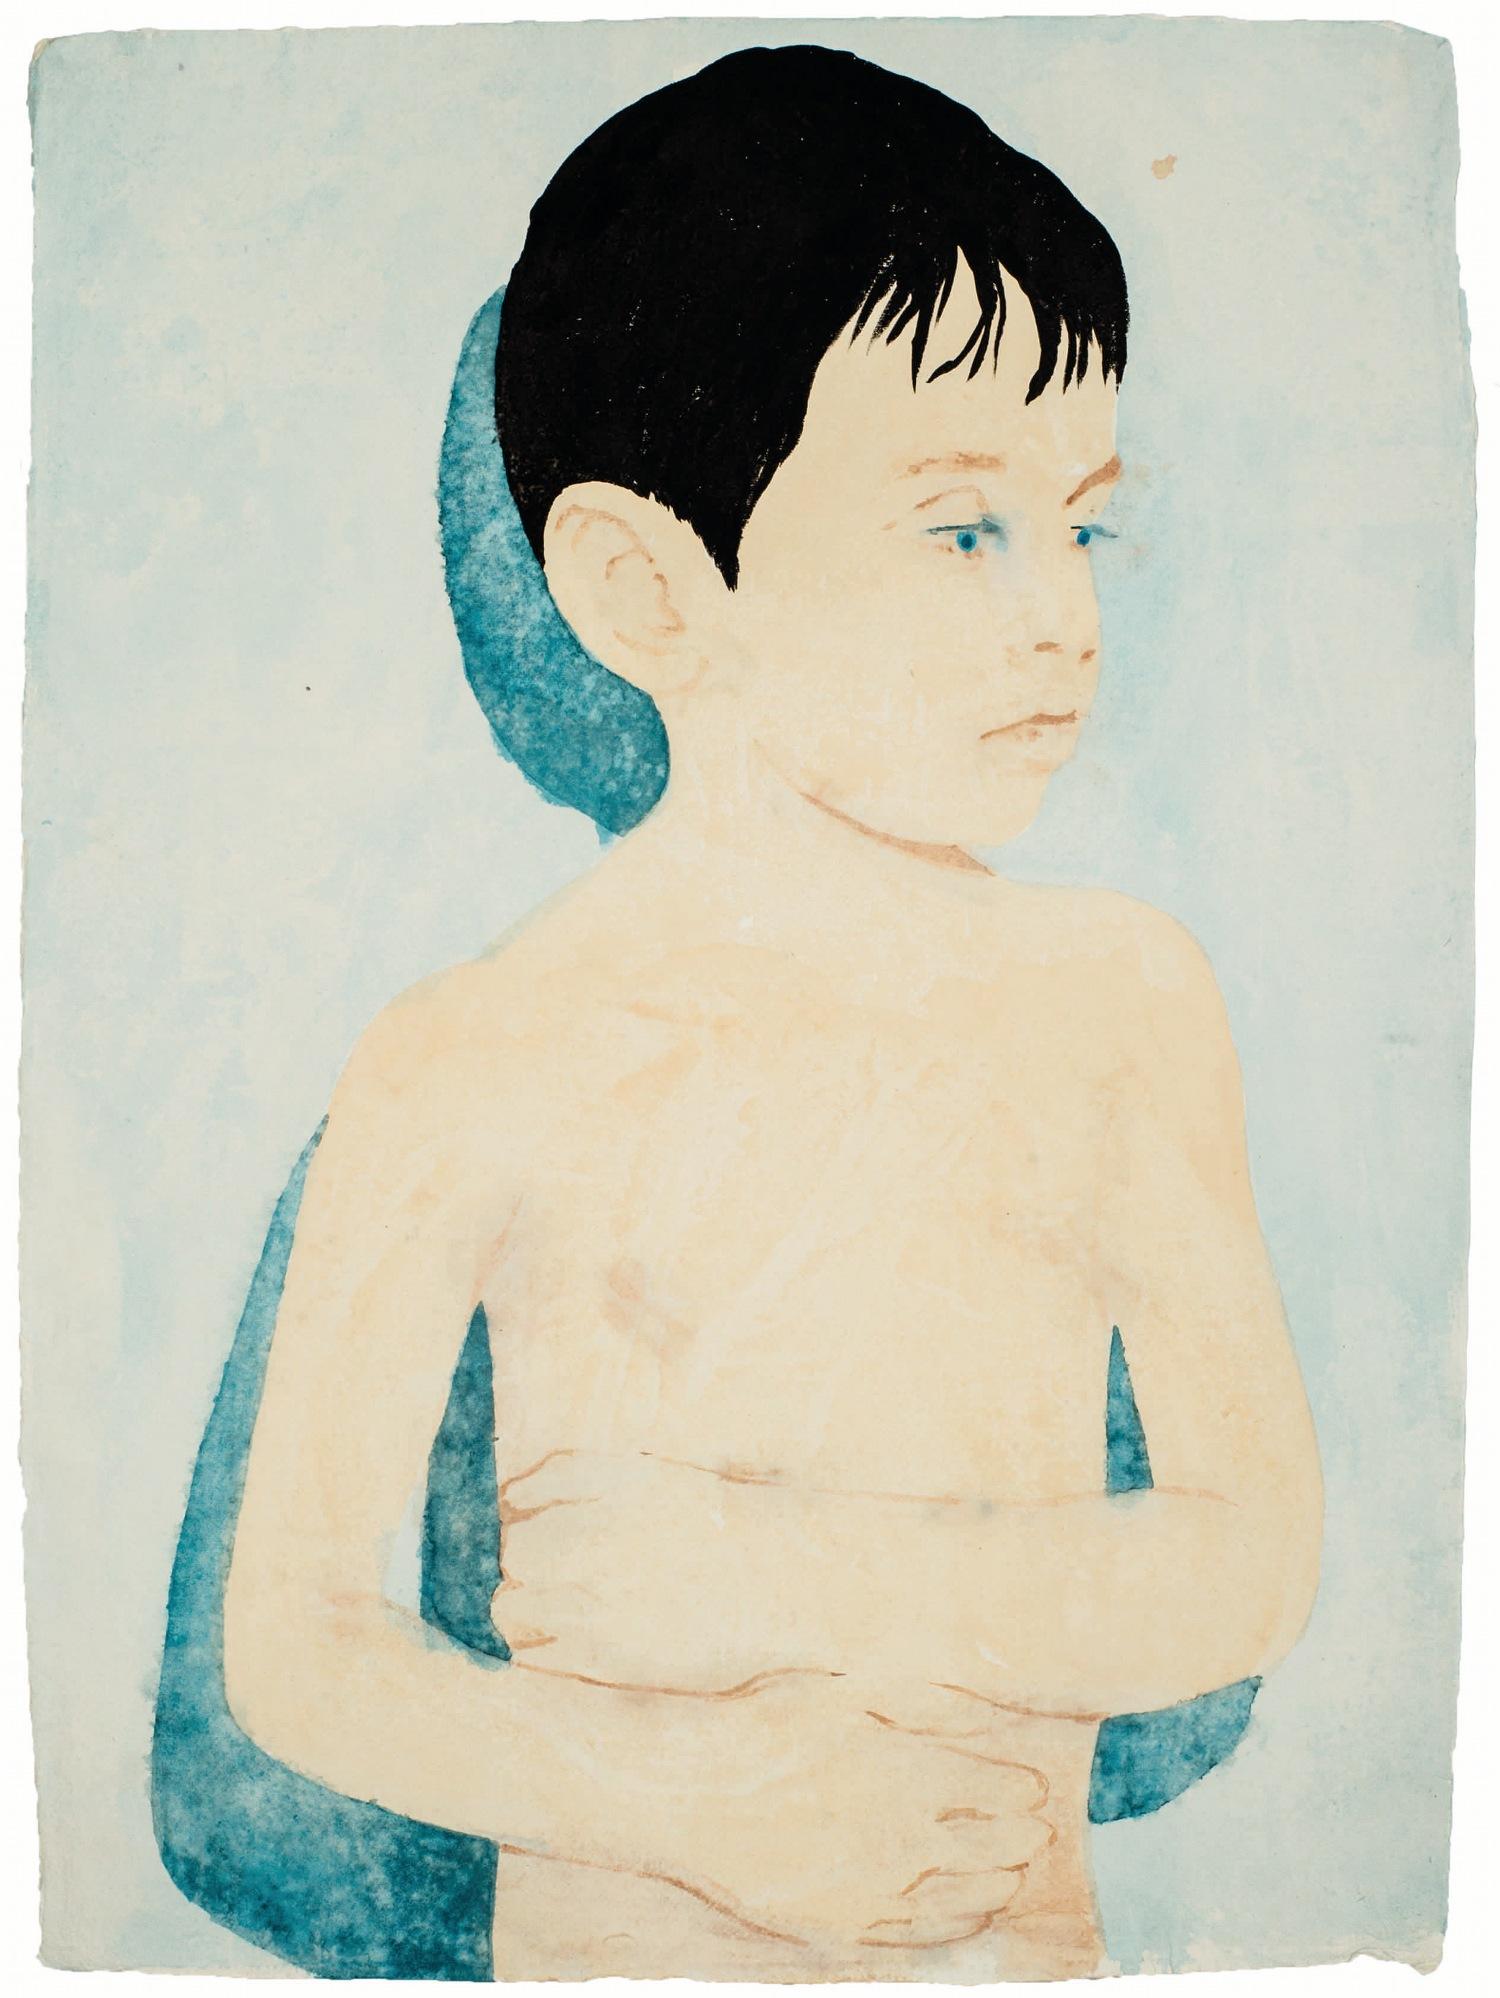 Boy with Shadow, aquarelle sur papier@(76 x 56.5 cm)